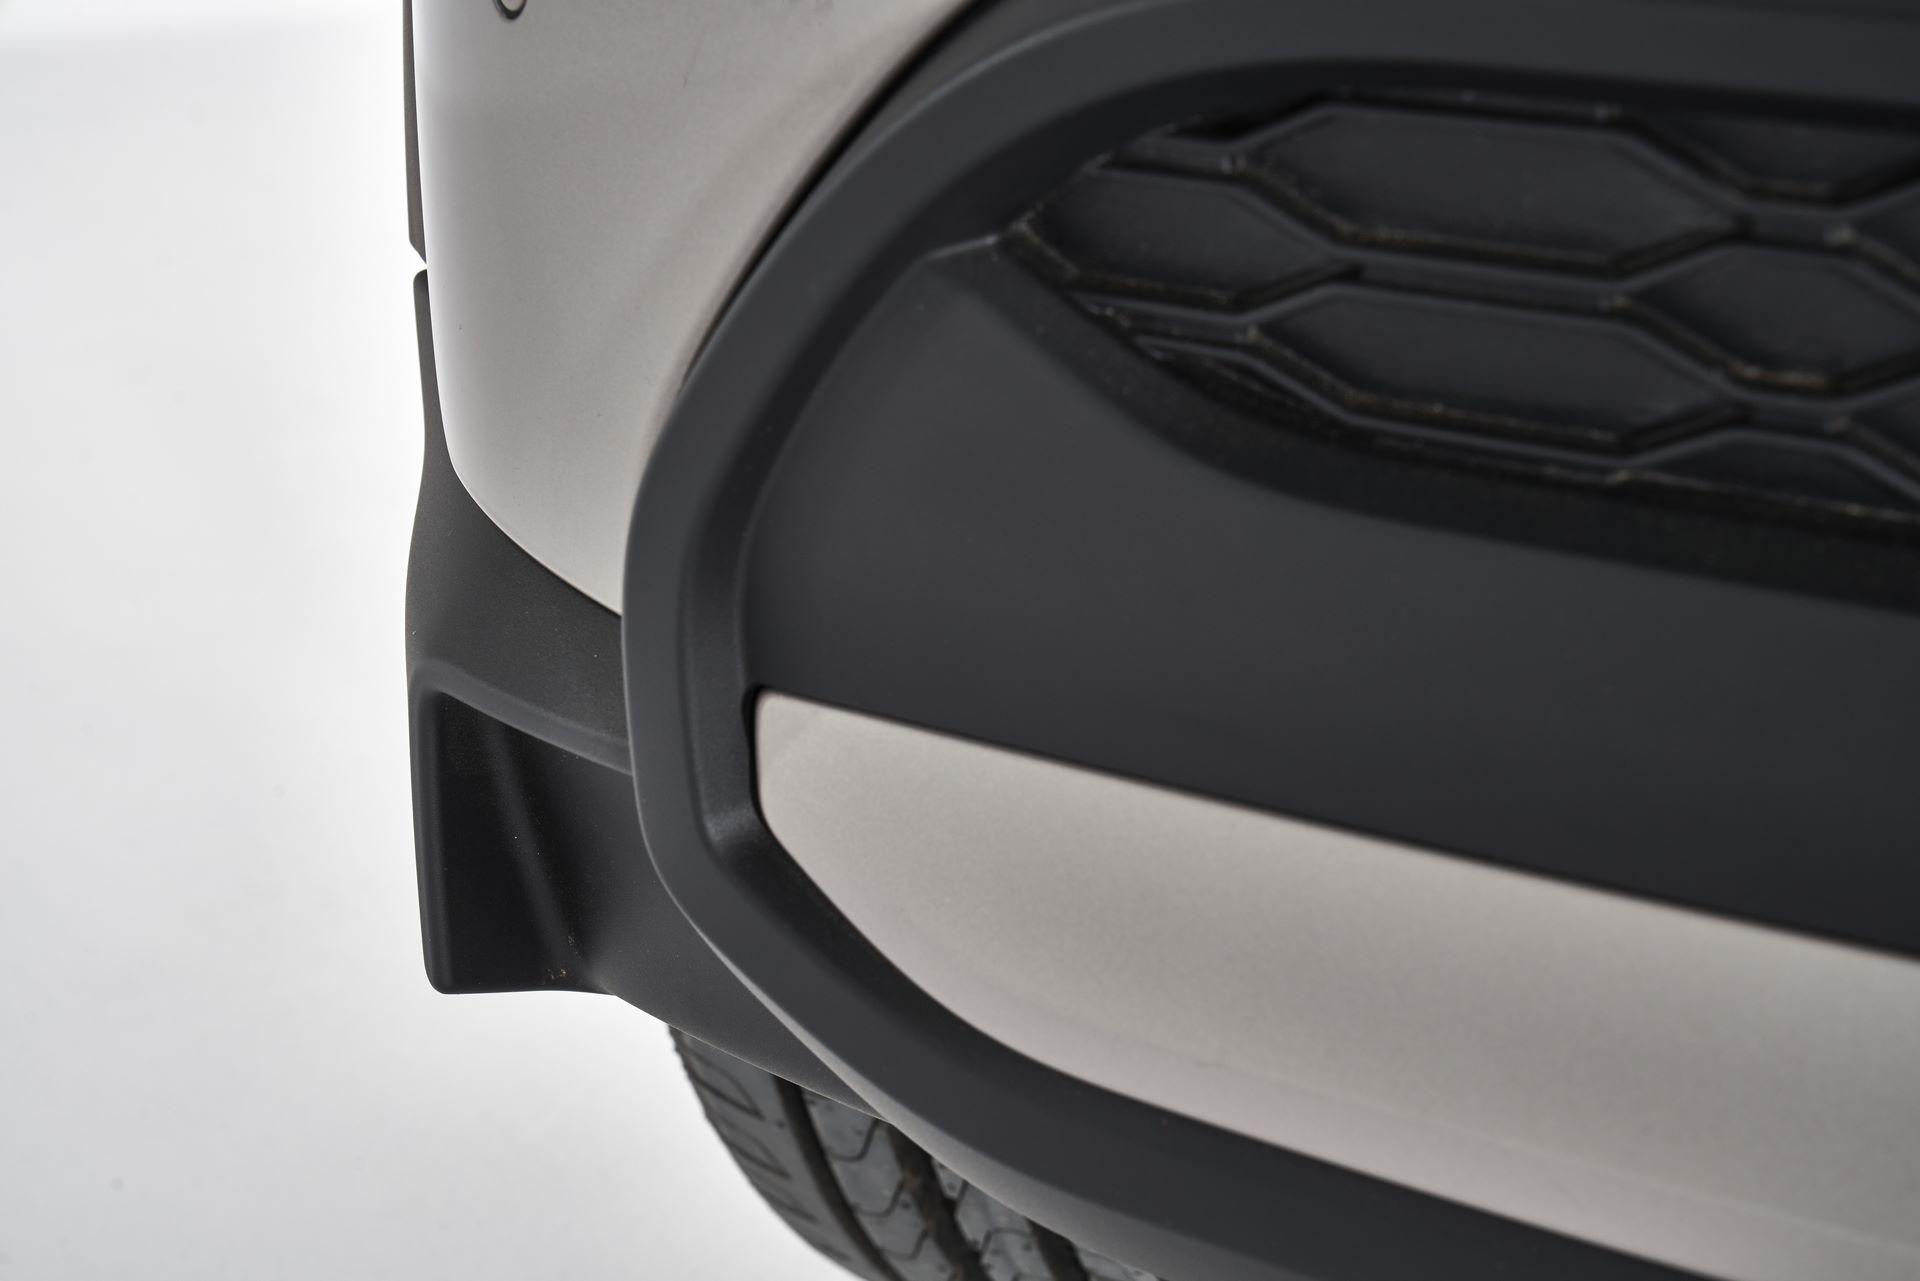 Mini-Cooper-facelift-2021-122